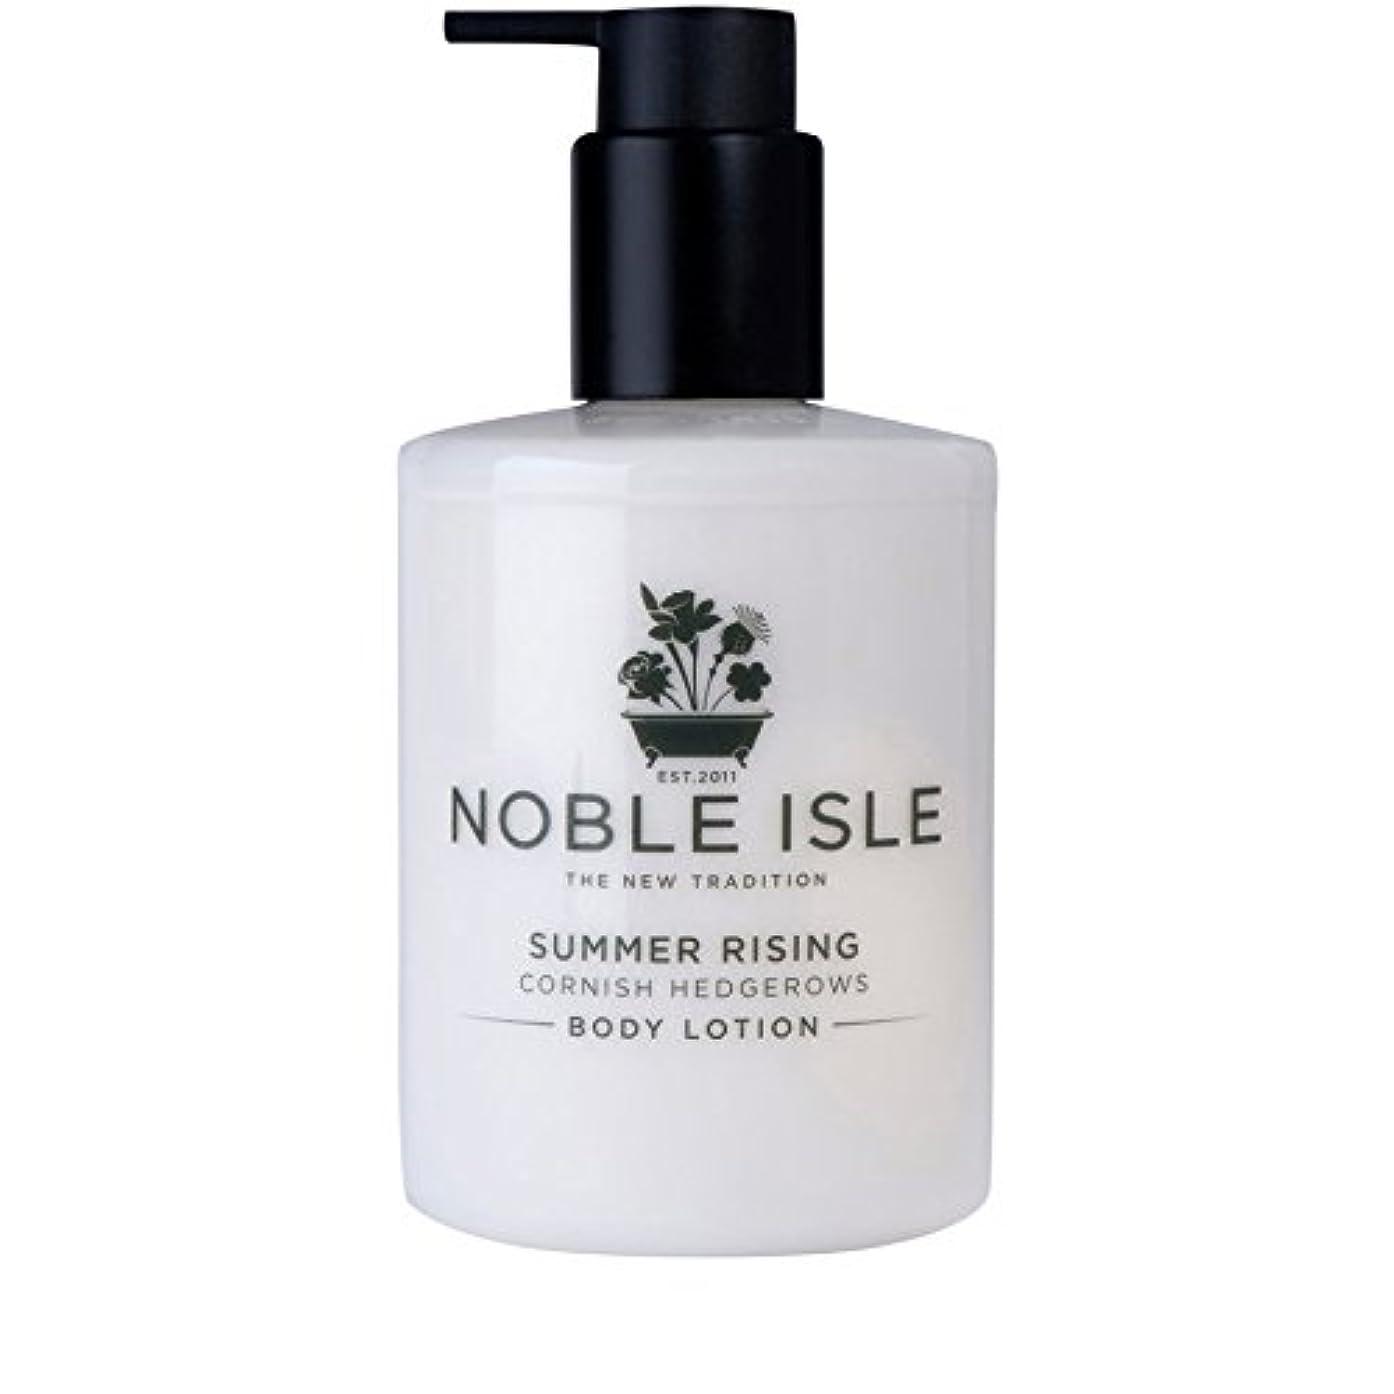 どれでも食料品店細分化するコーニッシュ生け垣ボディローション250ミリリットルを上昇高貴な島の夏 x4 - Noble Isle Summer Rising Cornish Hedgerows Body Lotion 250ml (Pack of...